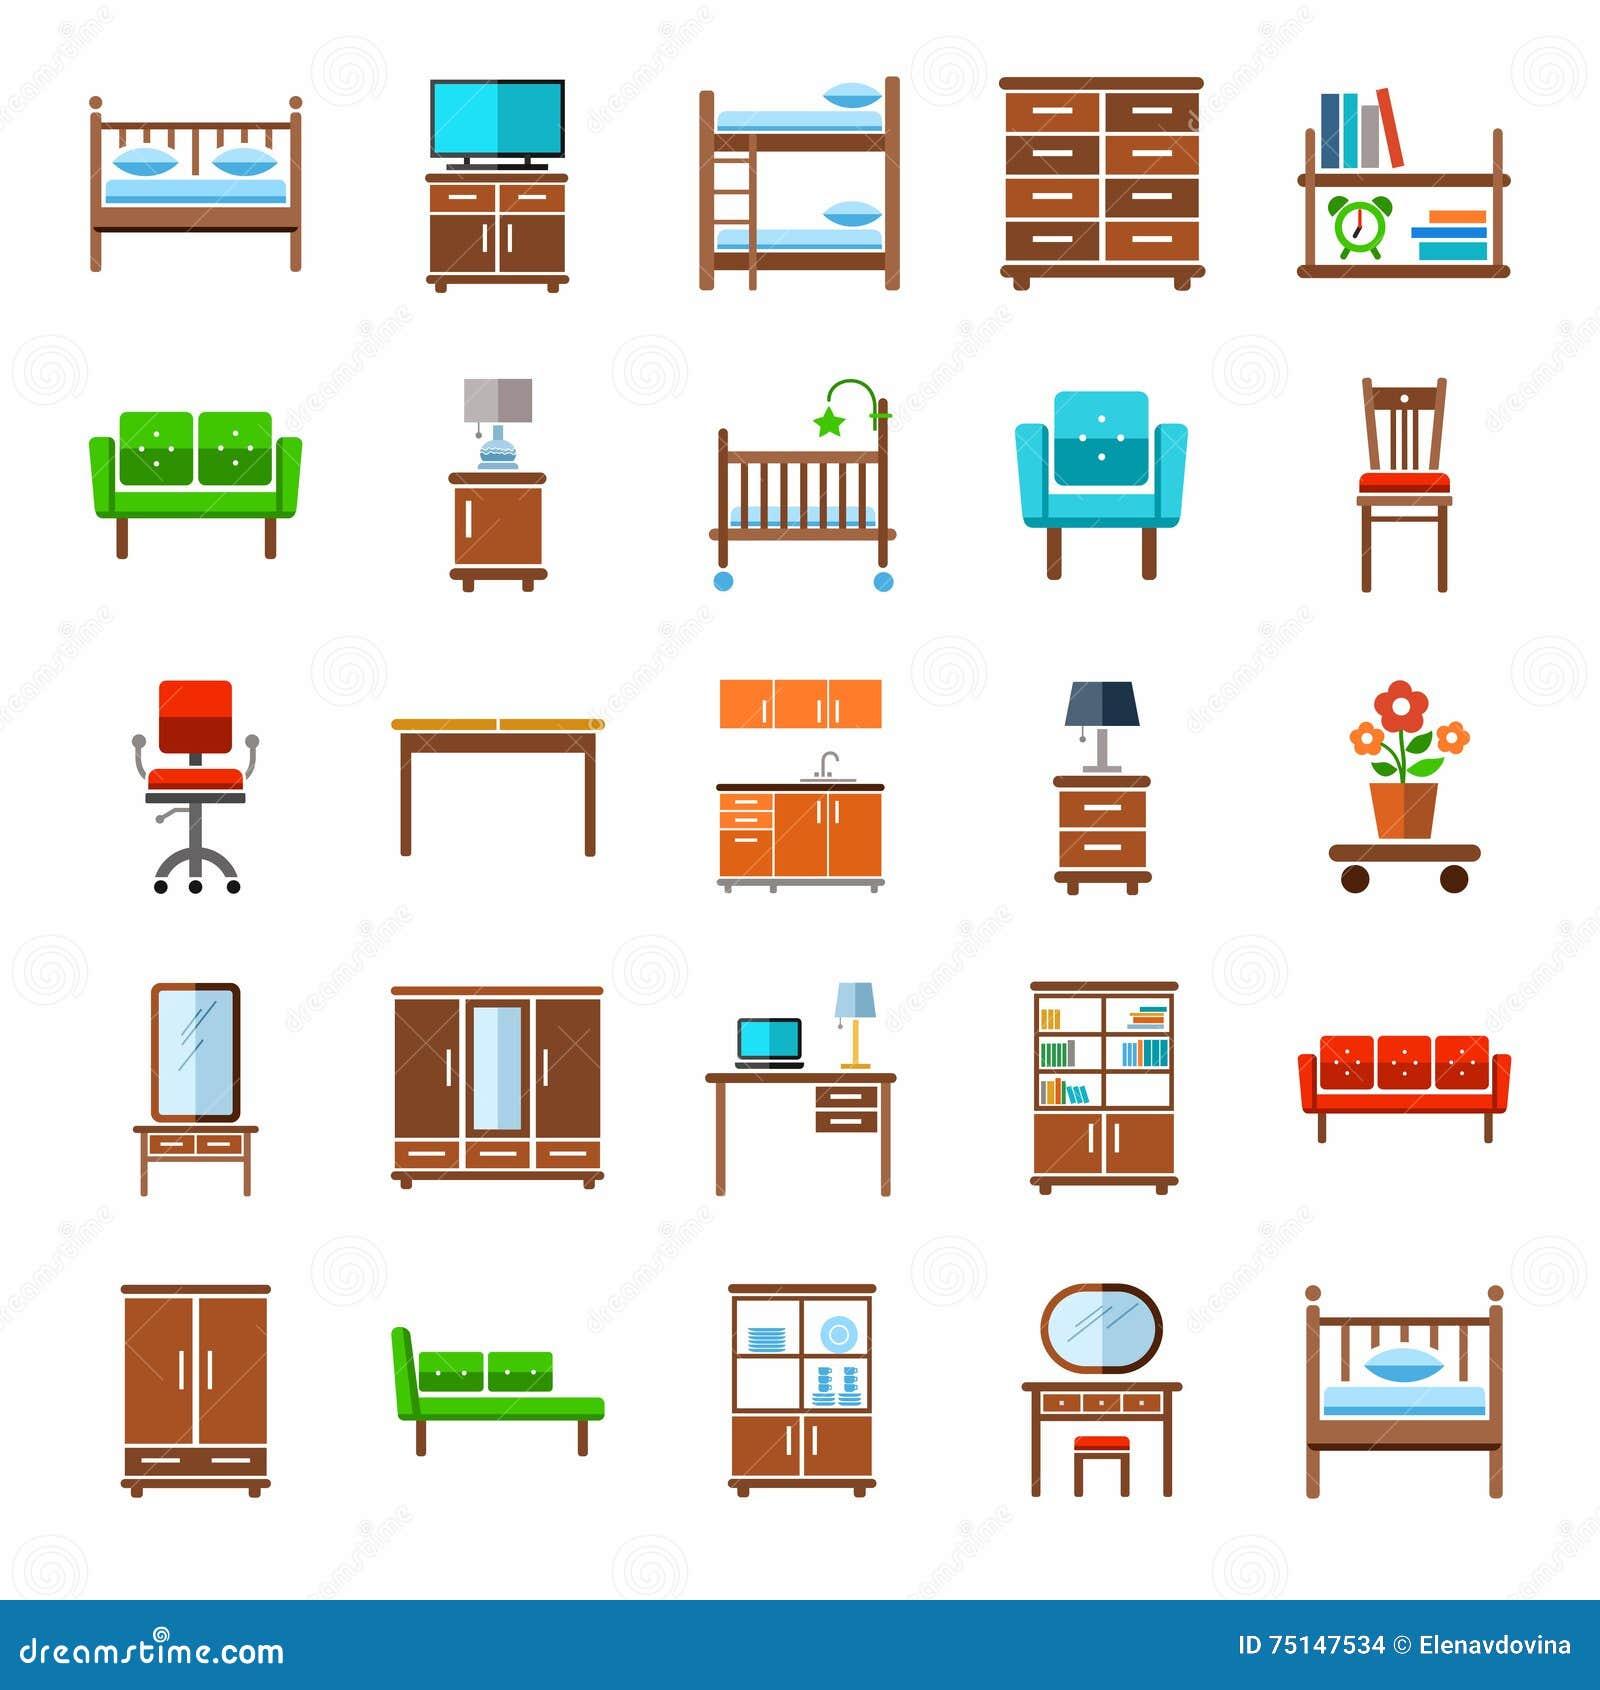 moderne moebel fuer haus, möbel, ikonen, gefärbt vektor abbildung. illustration von feldbett, Design ideen